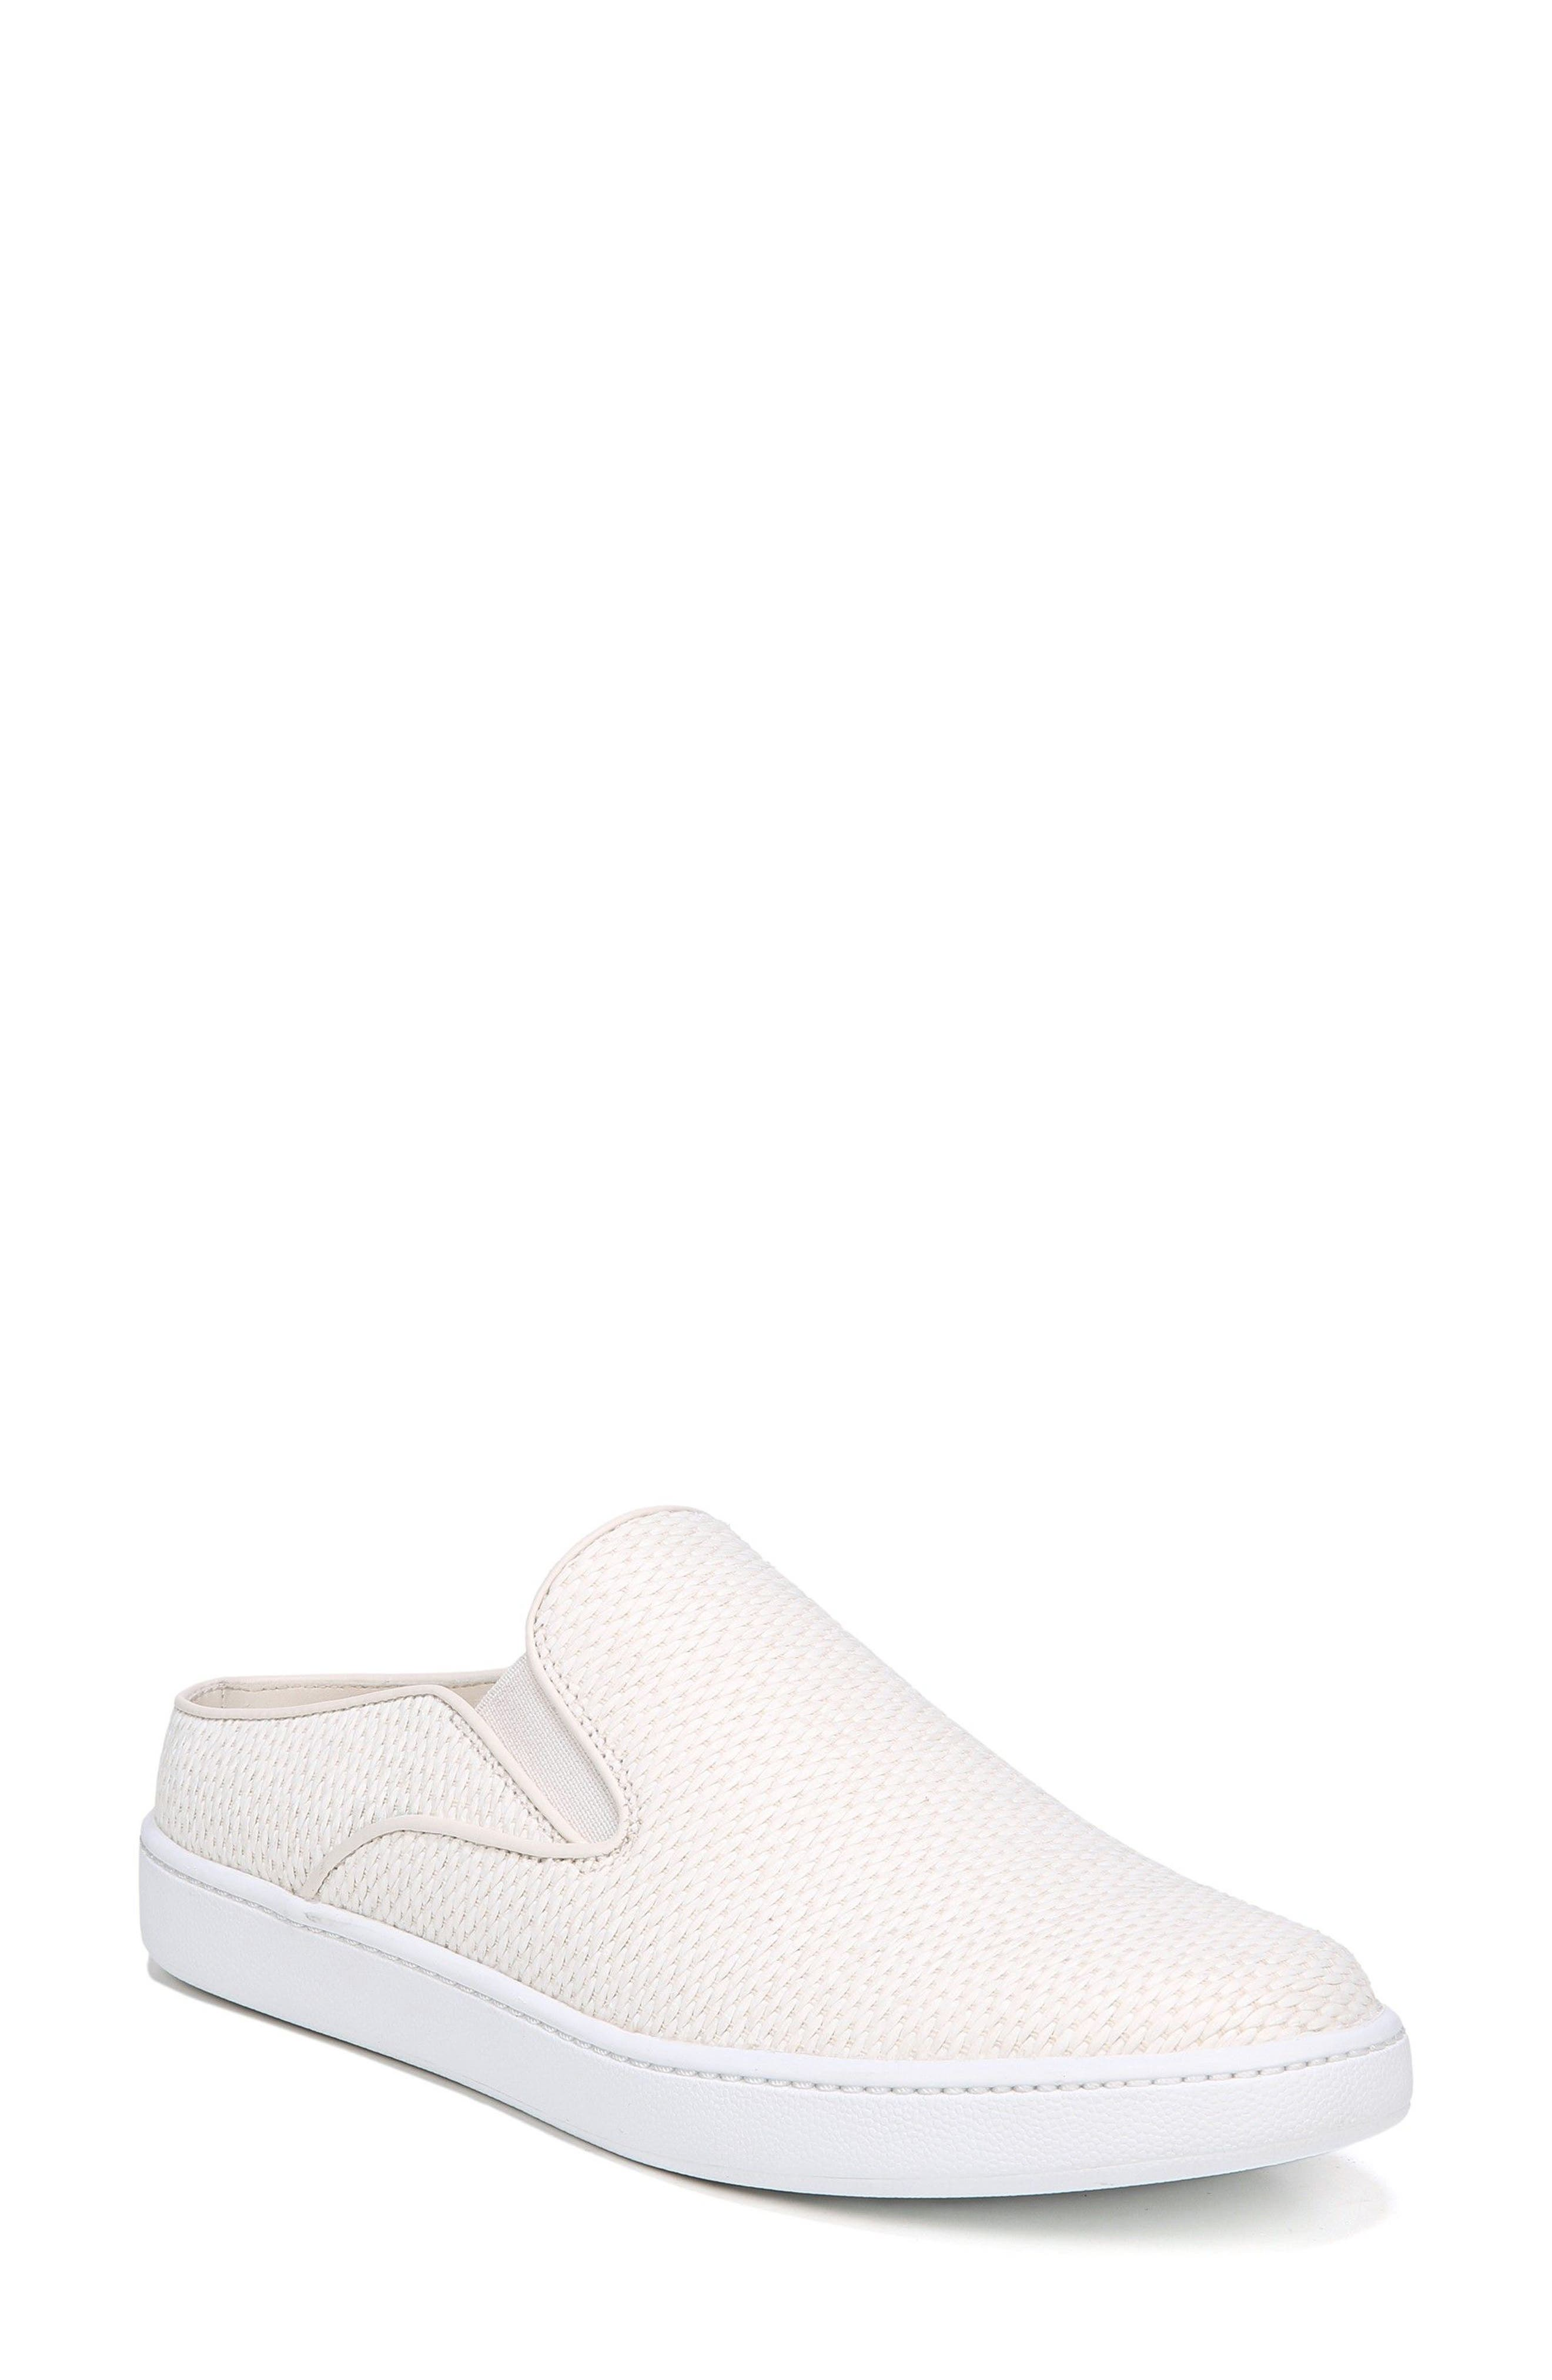 Verrell Slip-On Sneaker,                             Main thumbnail 1, color,                             Offwhite